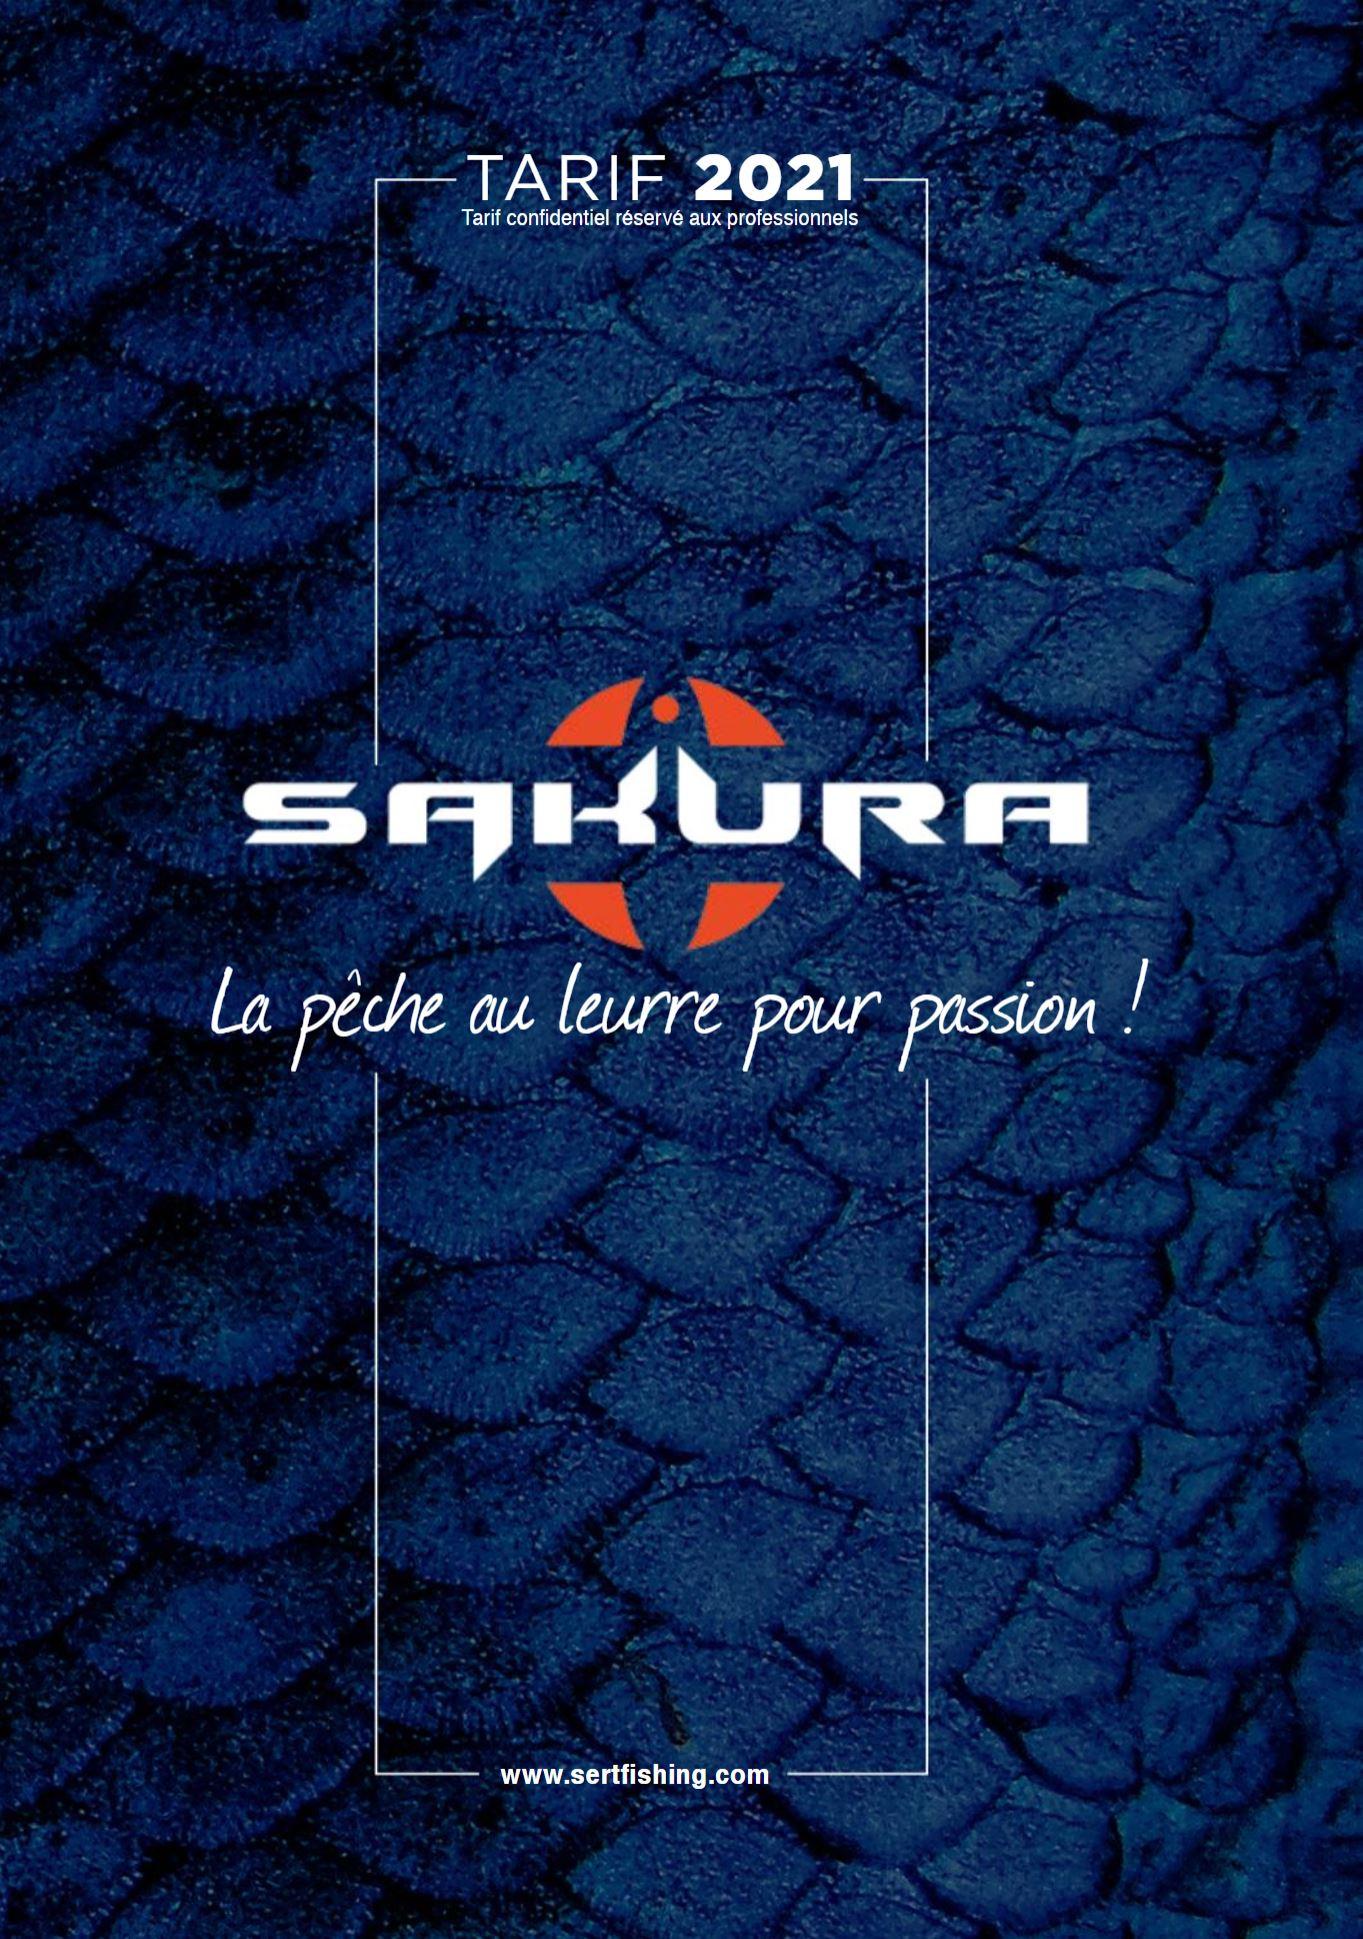 Catálogo SAKURA 2021